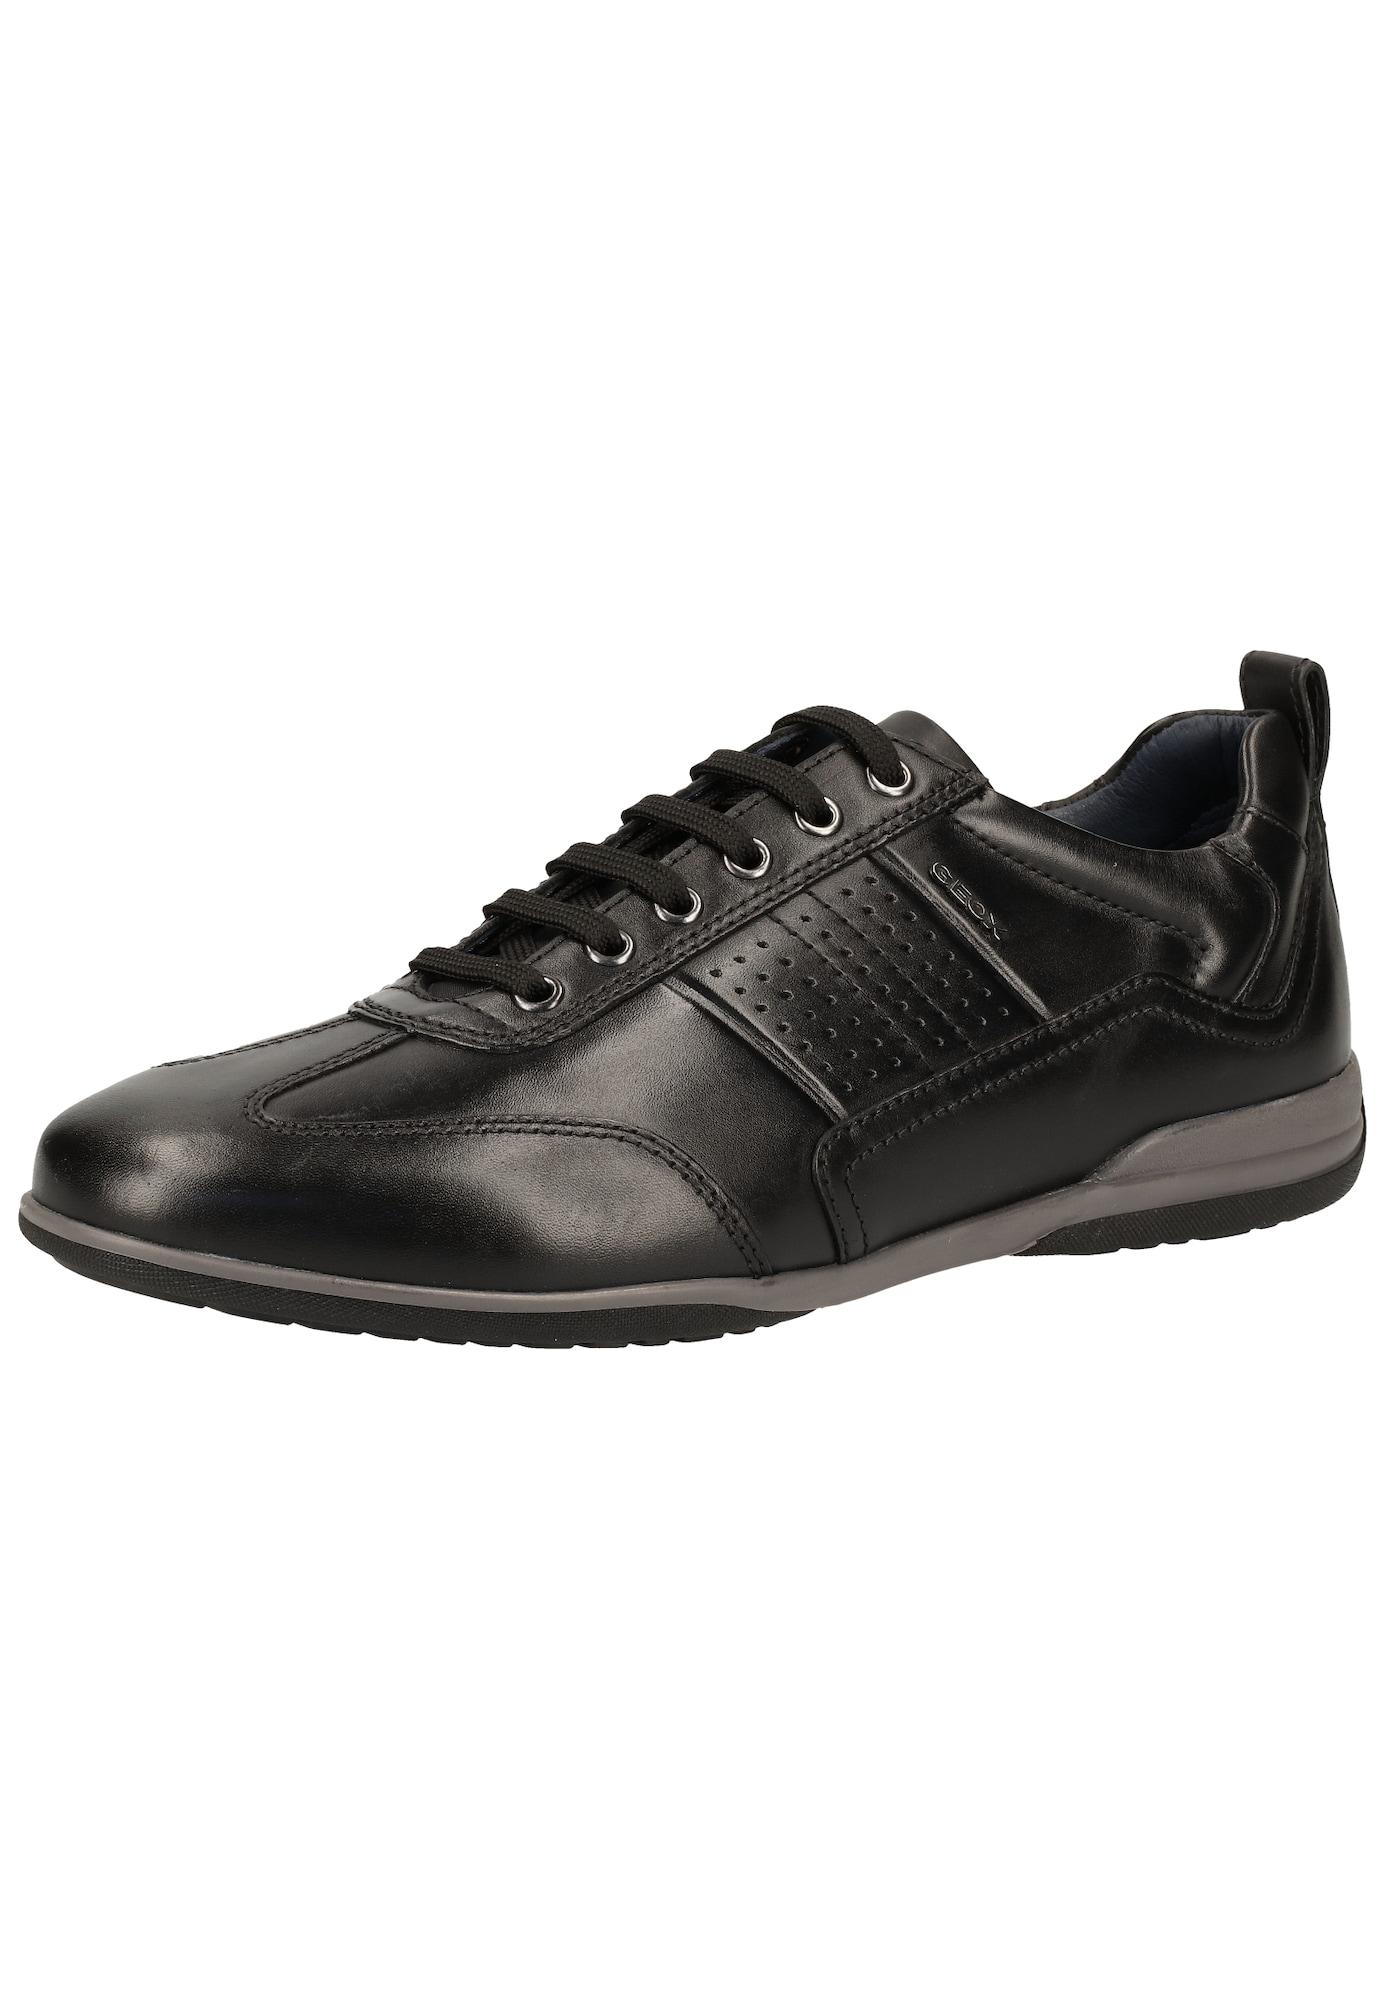 GEOX Sportinio stiliaus batai su raišteliais 'U TIMOTHY' juoda